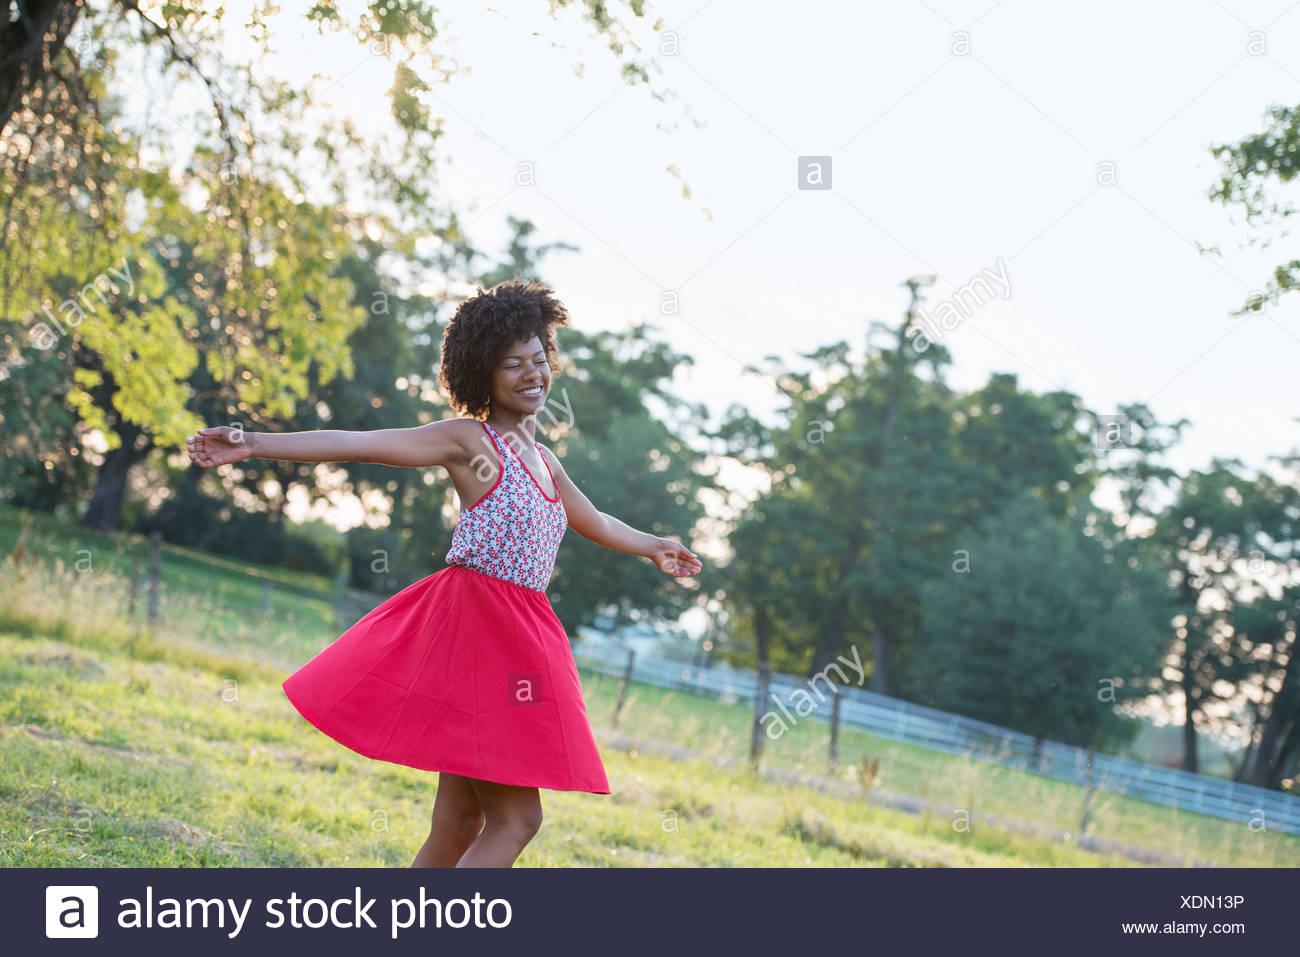 Eine Frau in einem roten Rock, wirbeln um unter freiem Himmel, mit ausgestreckten Armen. Stockbild